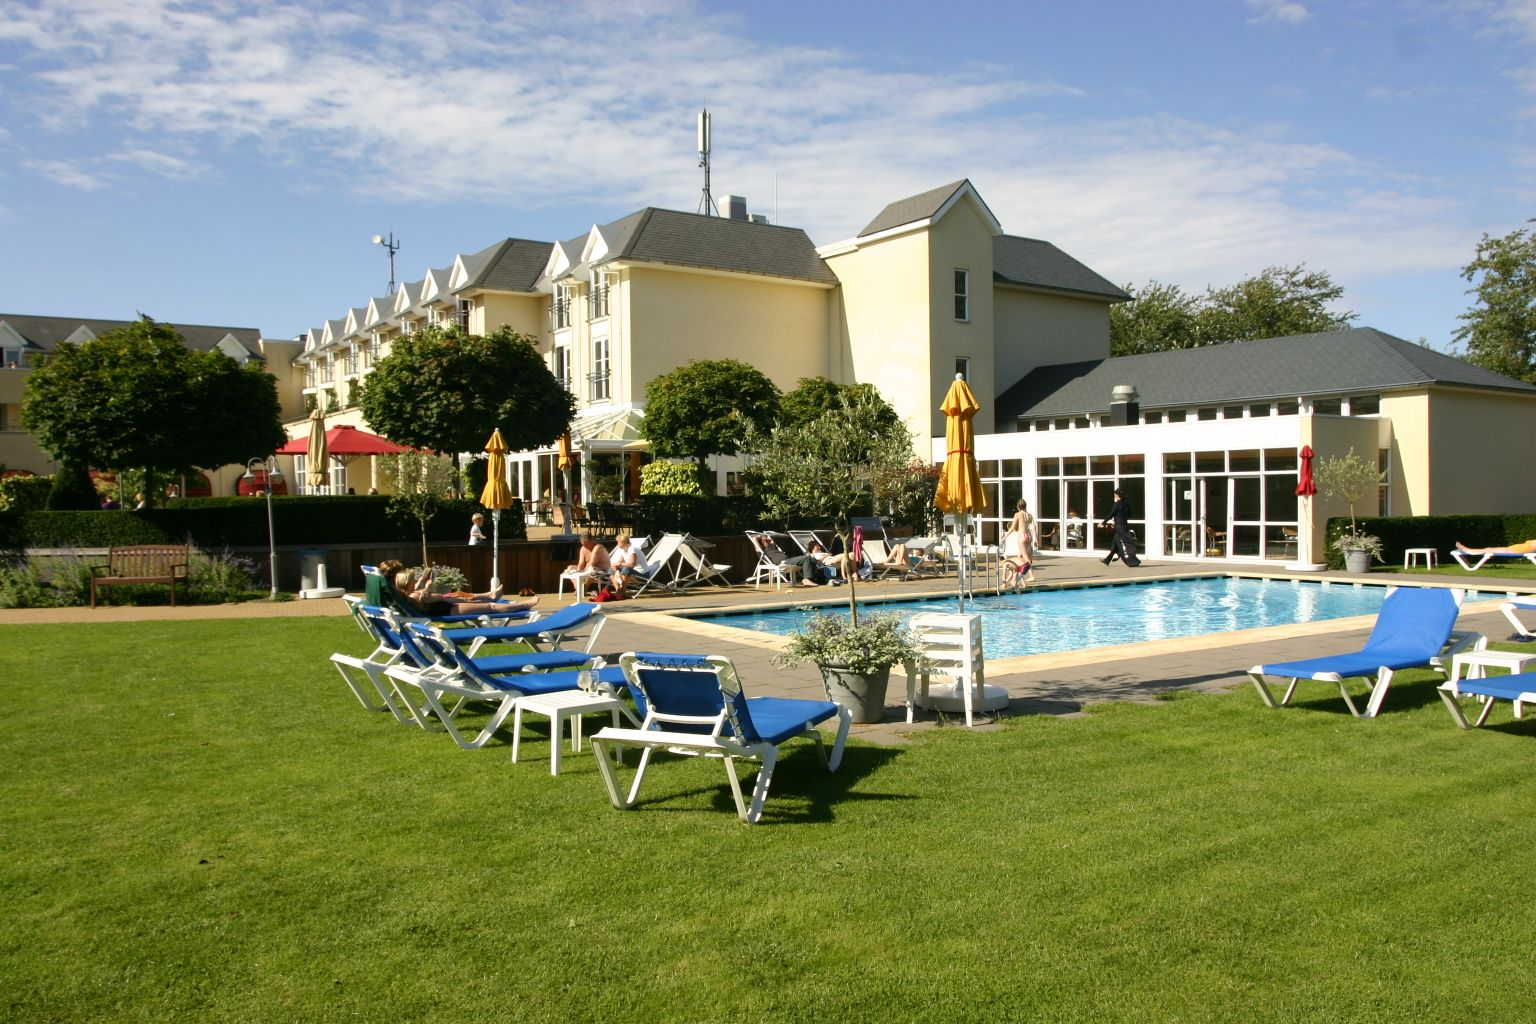 Hotel De Zeeuwse Stromen In Renesse Zeeland Hotel Hotels Vakantie